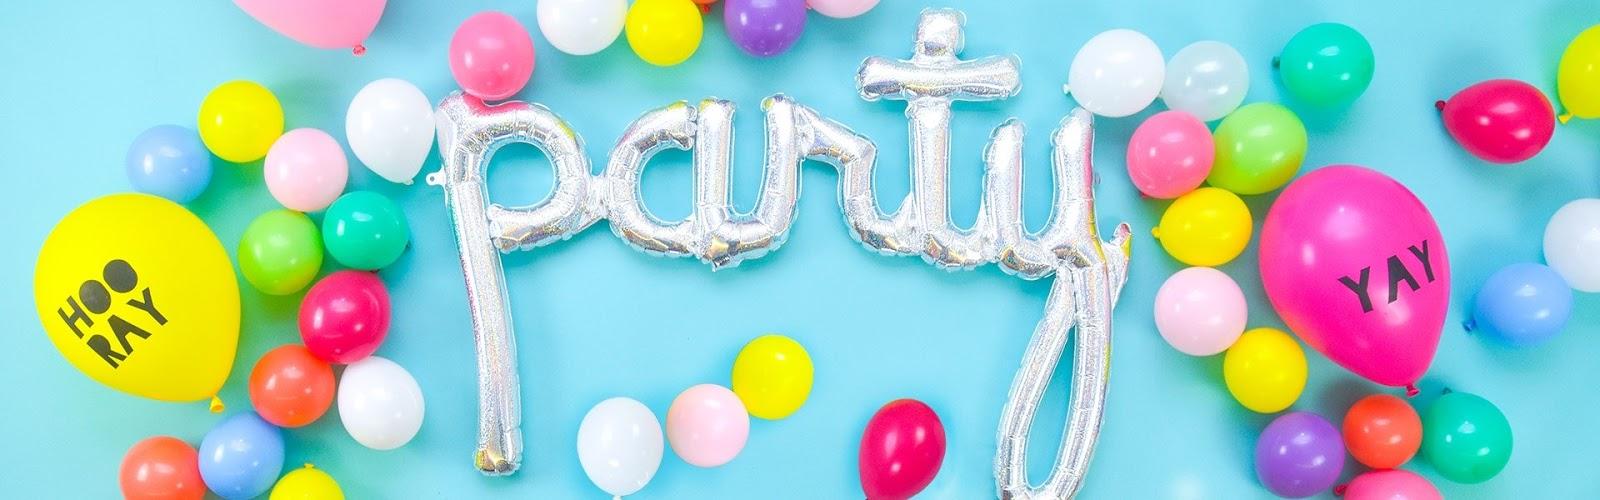 Dekoracje urodzinowe dla dzieci i dorosłych